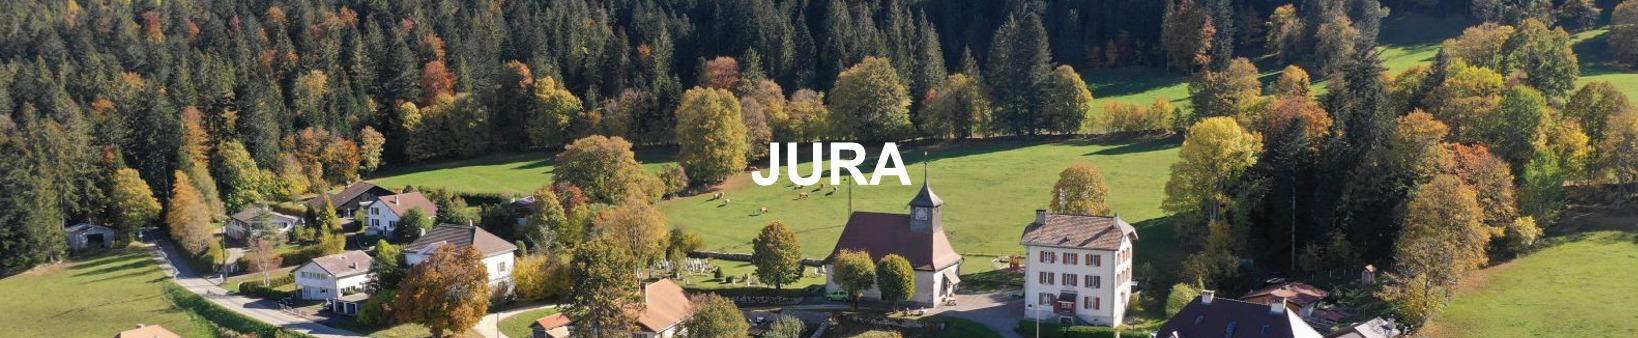 evolution prix au m2 immobilier jura suisse 2020